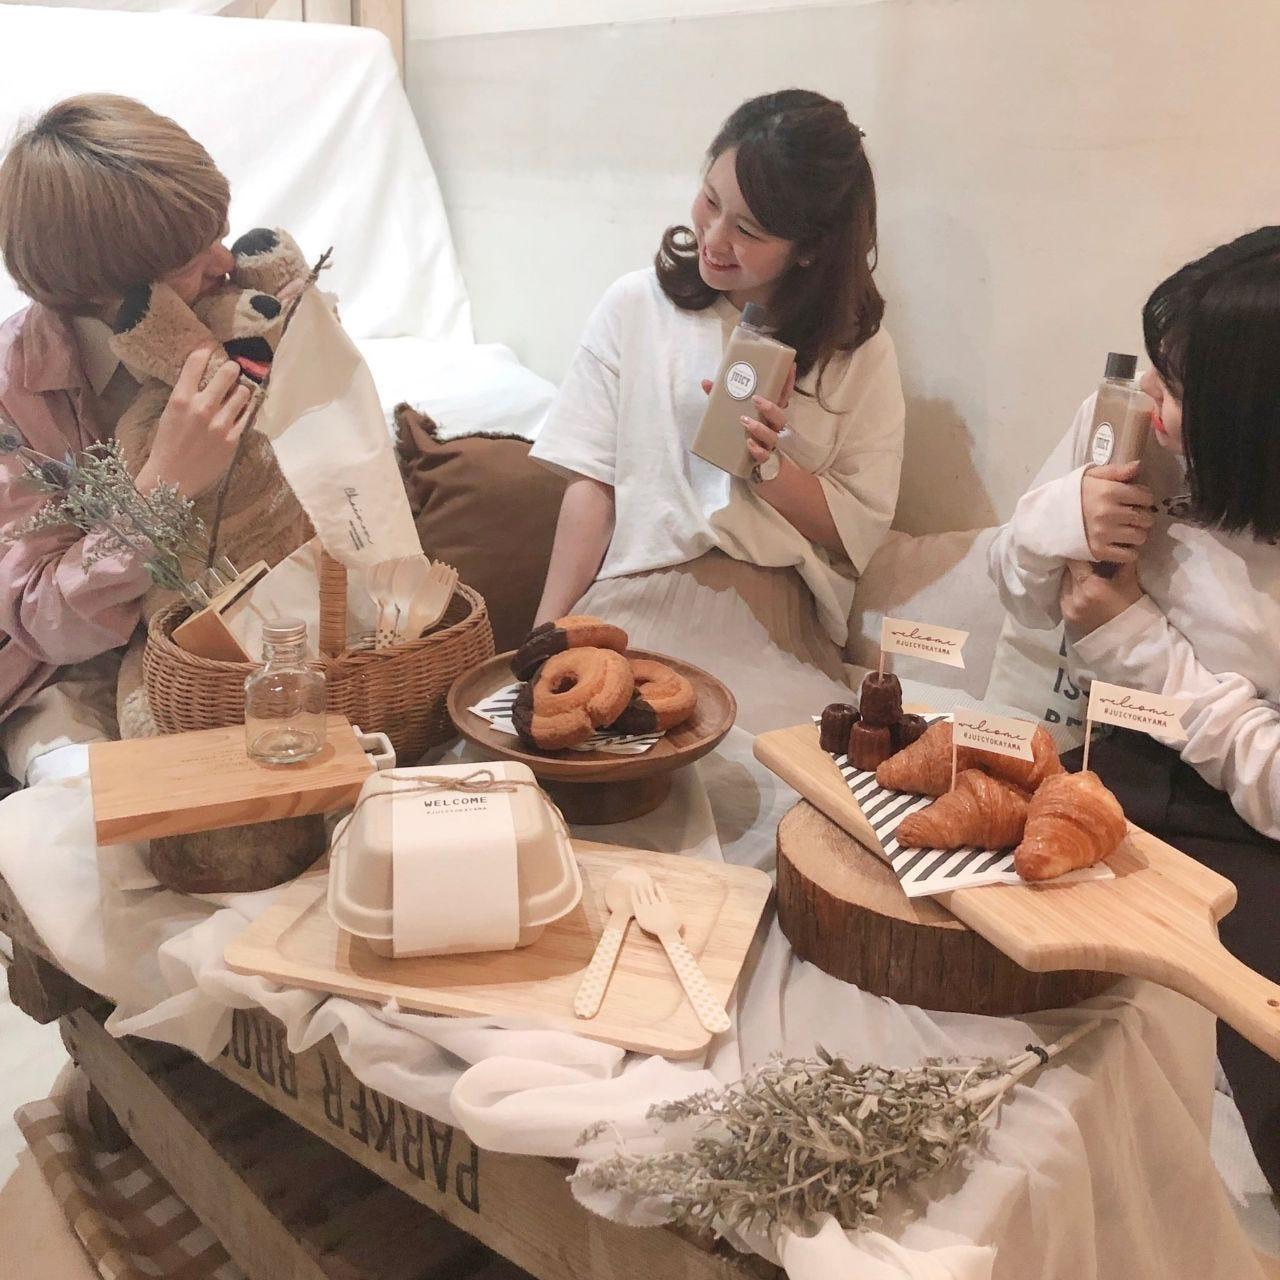 【コース】学生さん向き★☆Juicyコース 120分飲み放題付 3500円(税抜)